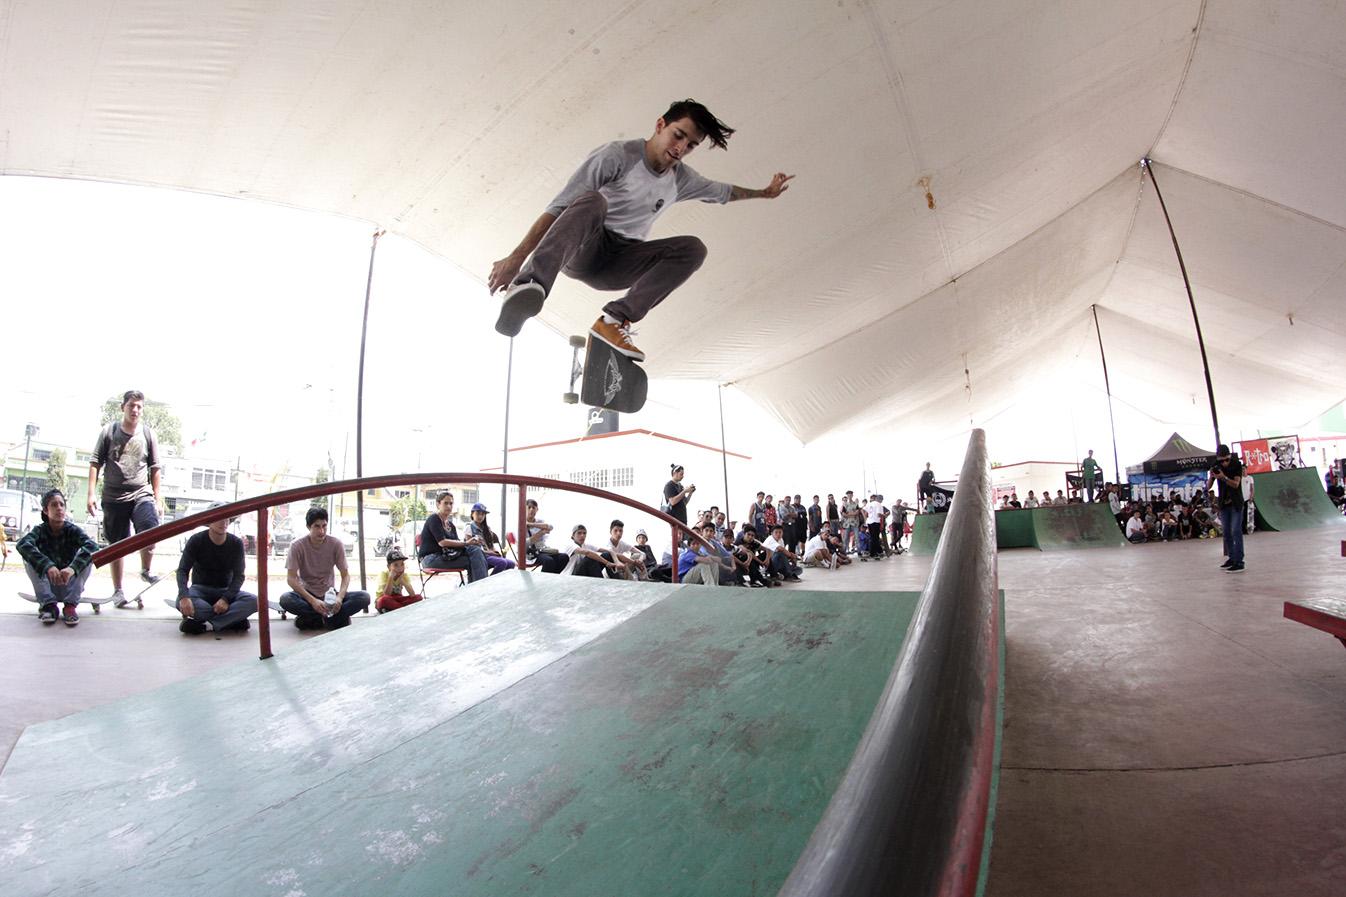 Terma Skate